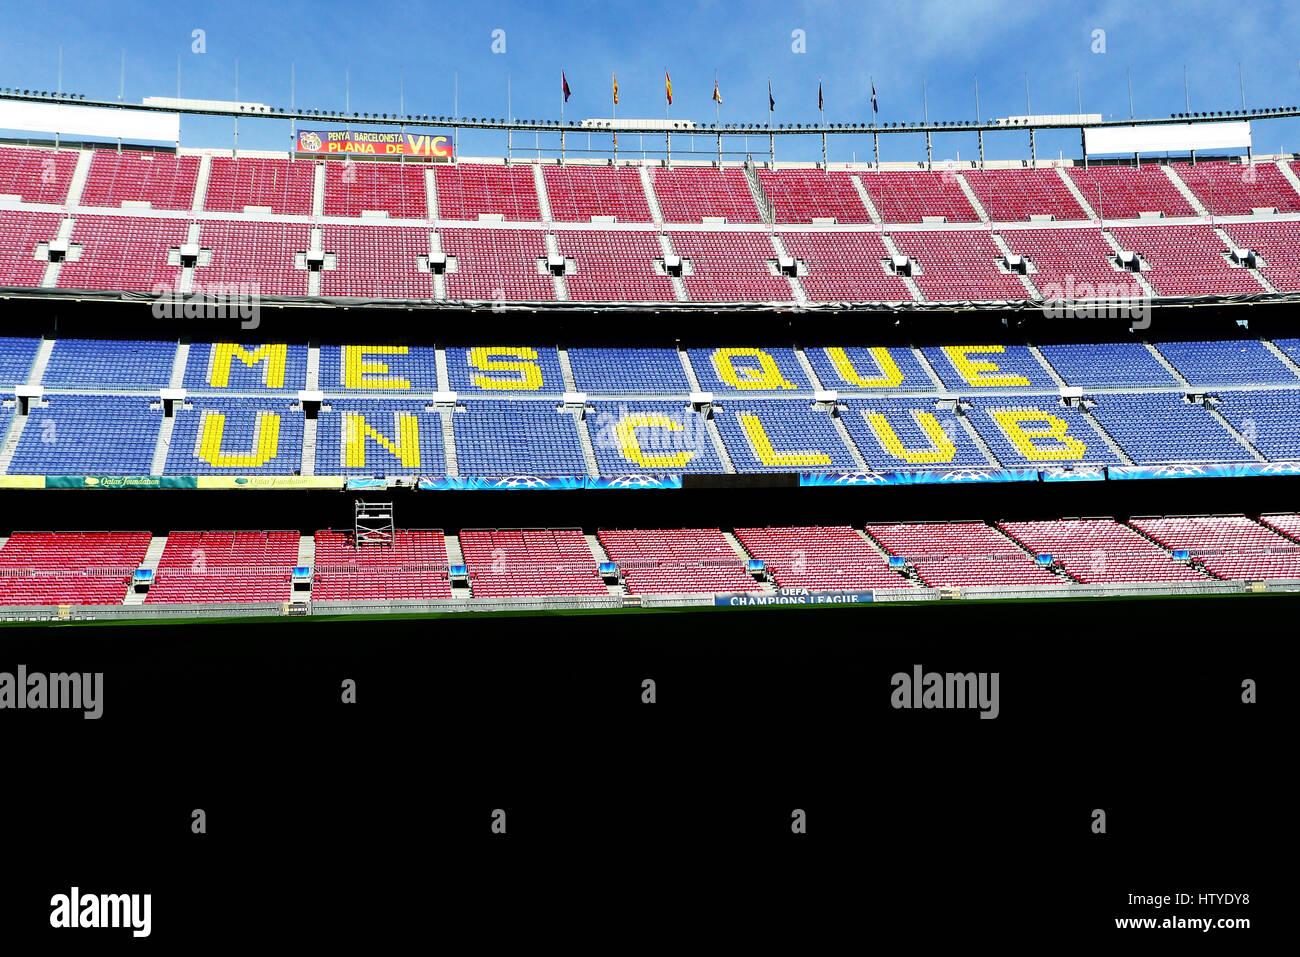 Camp Nou ist ein Fußballstadion in Barcelona, Spanien. Es ist auch die Heimat der Futbold Club Barcelona seit 1957. Stockfoto